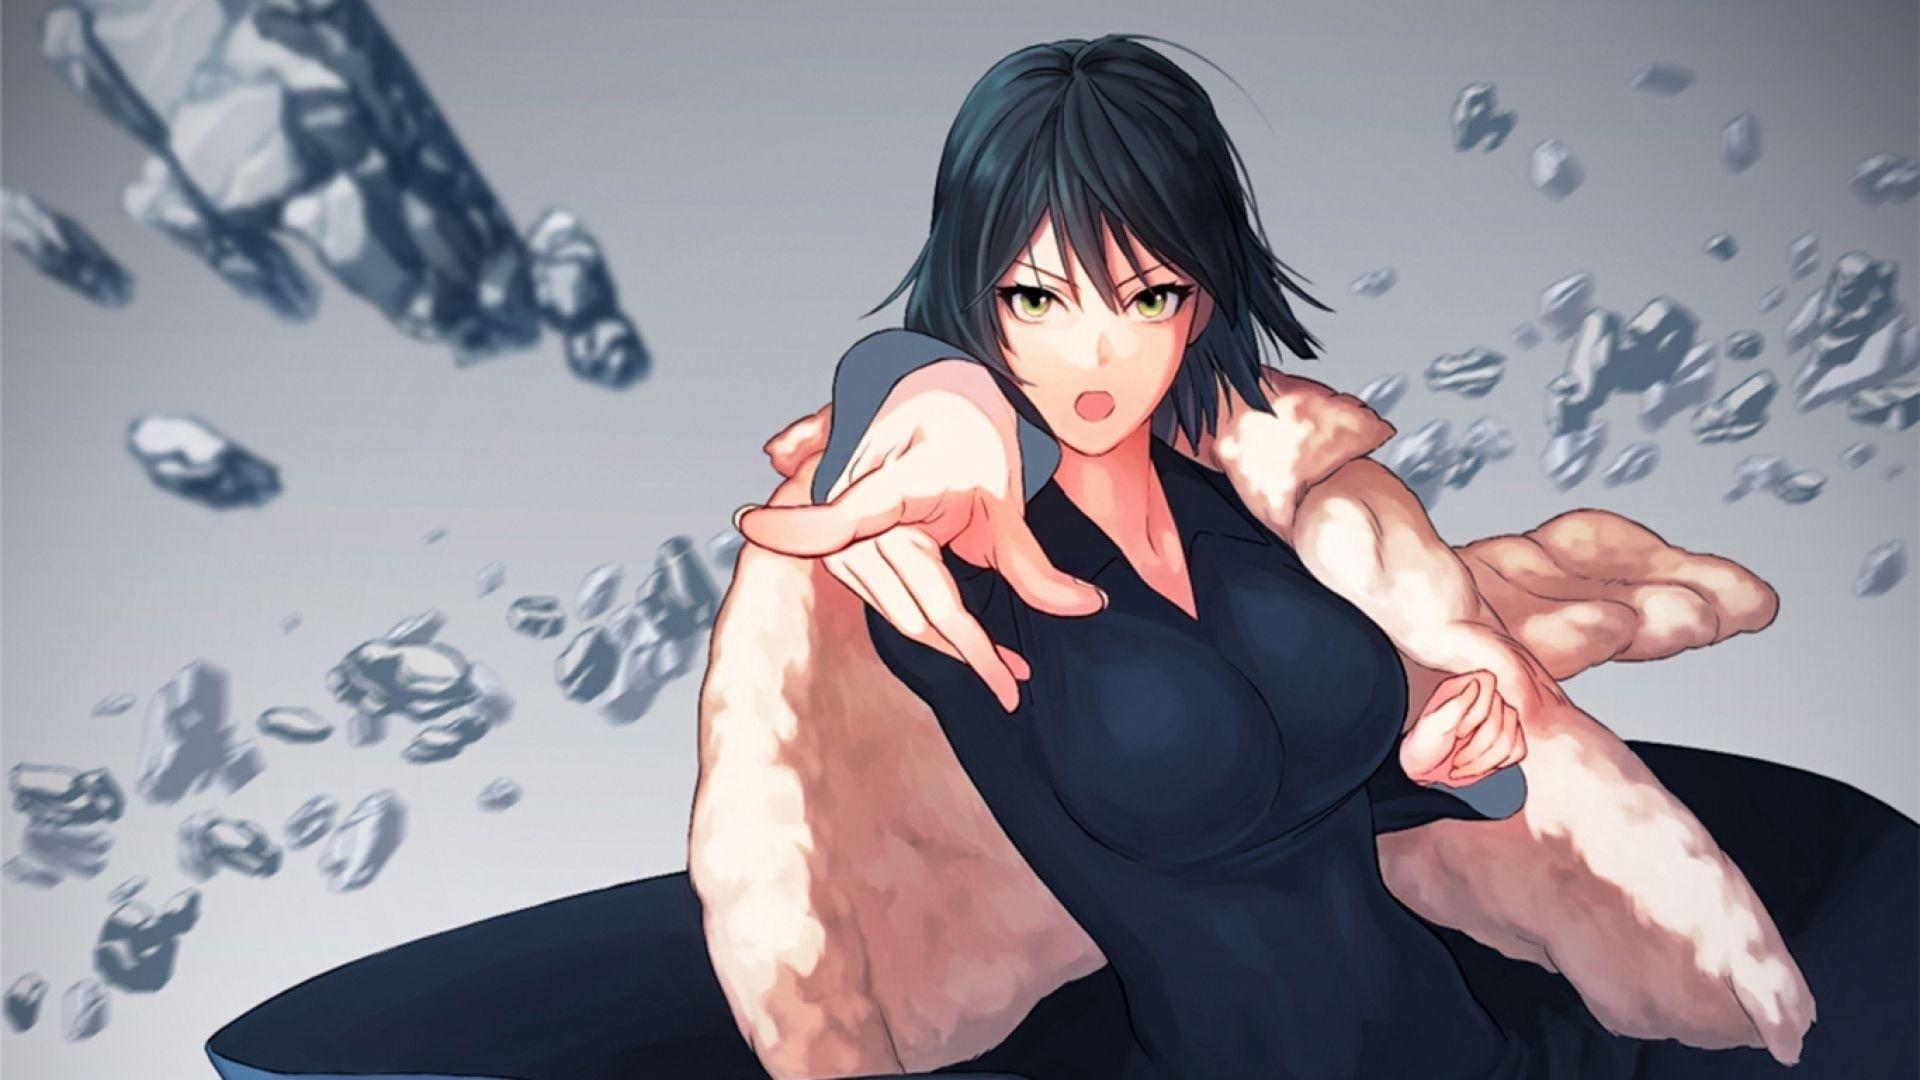 Fubuki One Punch Man Con Imagenes Anime Mujer